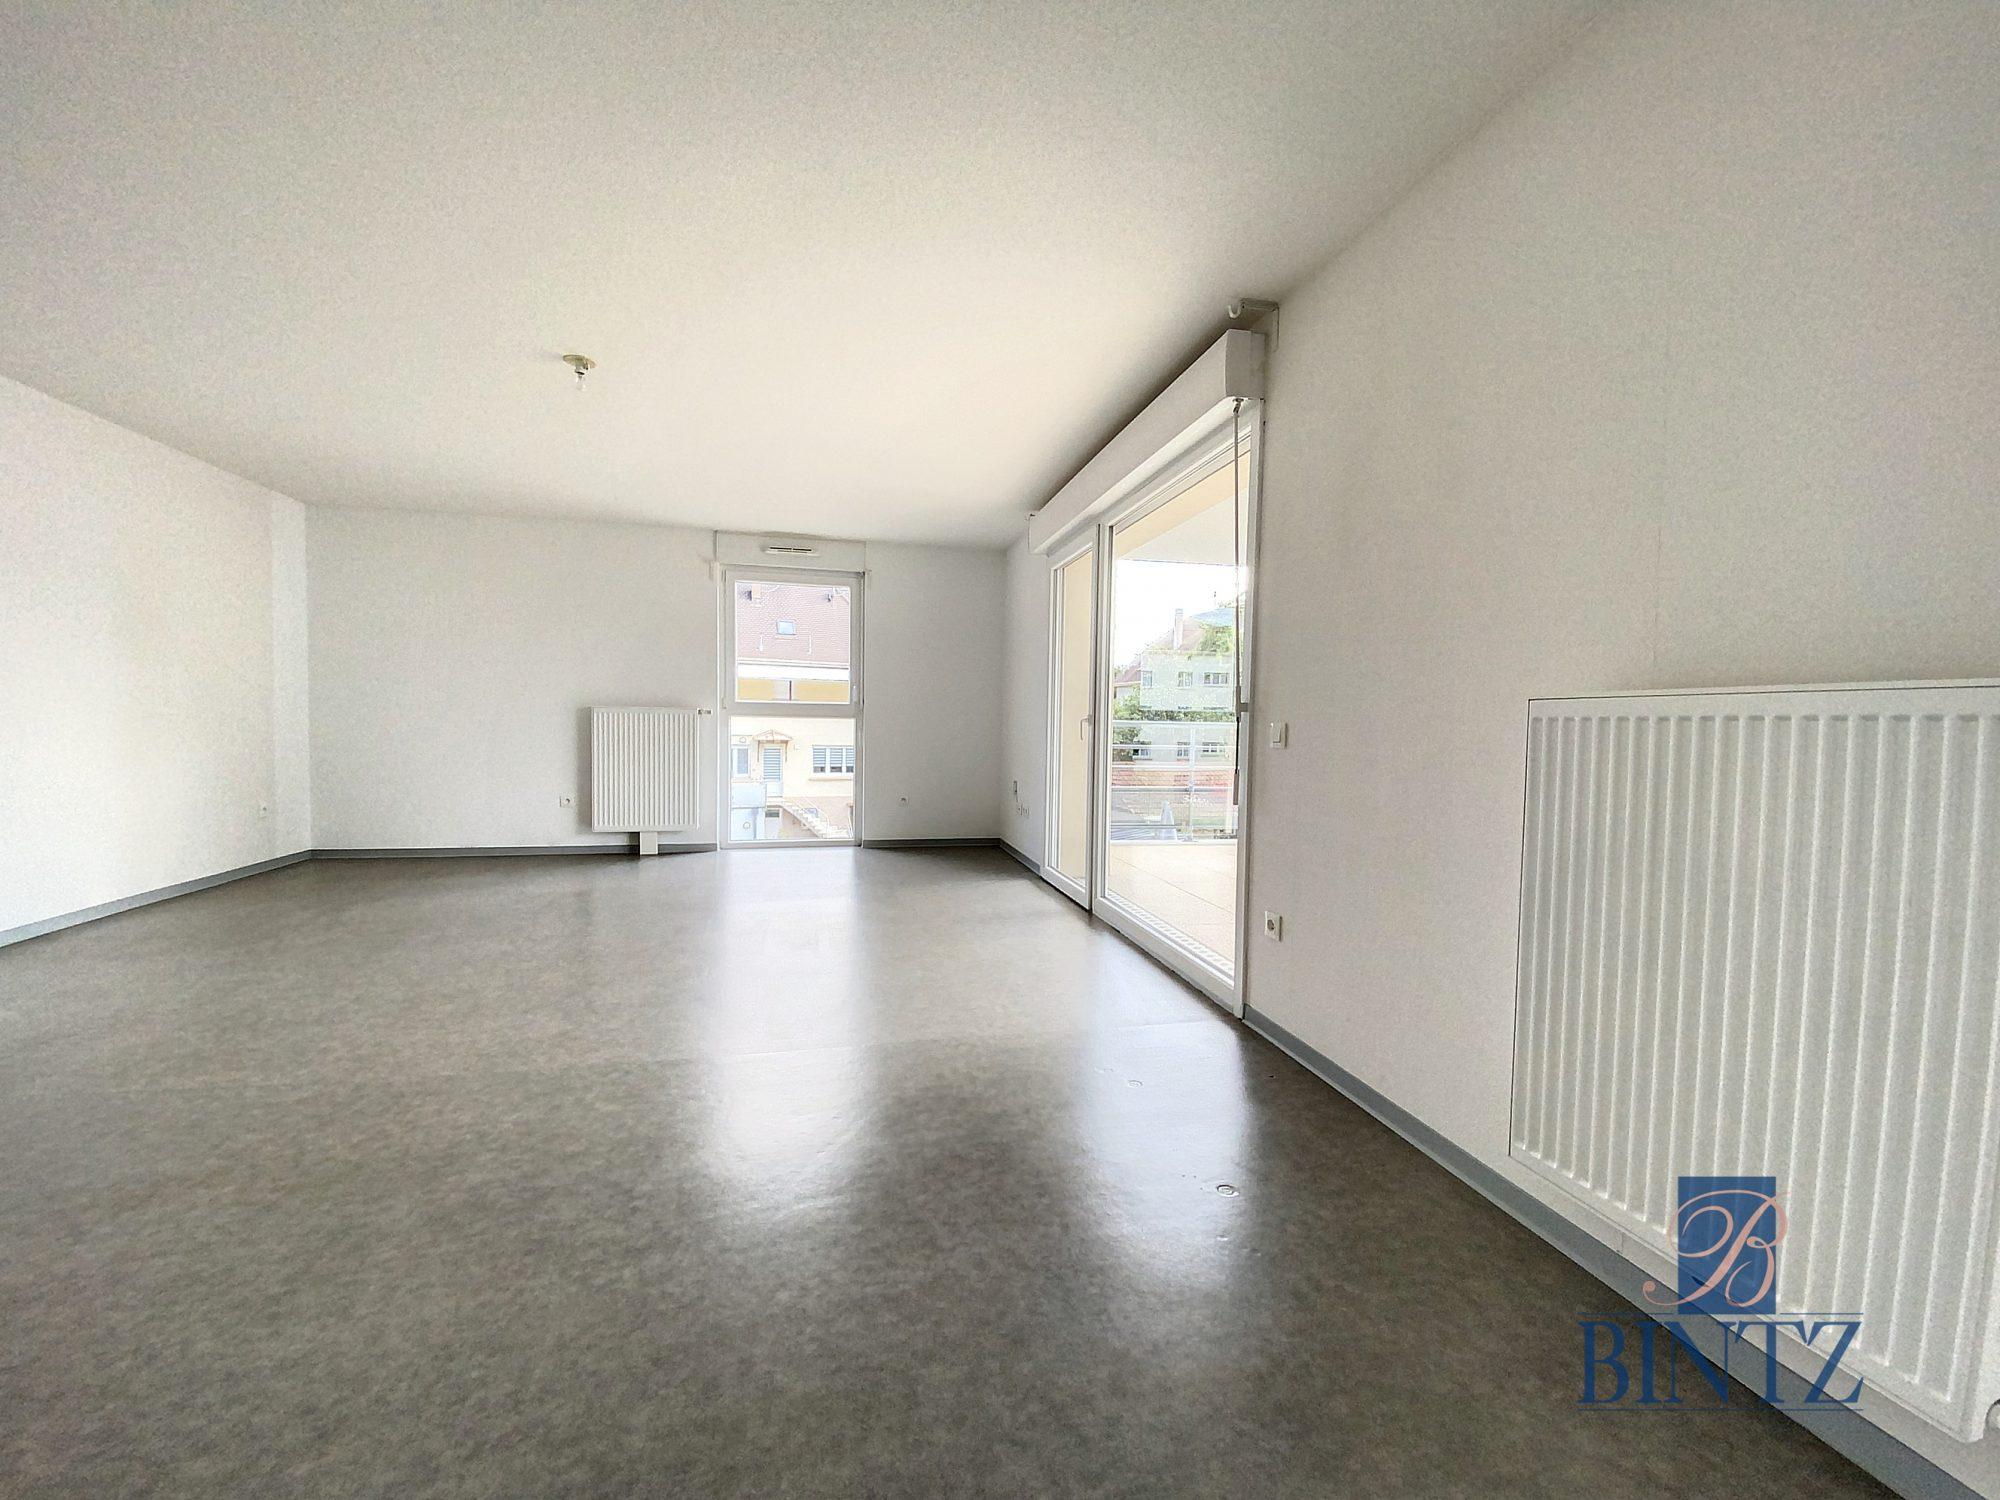 3 PIECES NEUF AVEC TERRASSE À SCHILTIGHEIM - Devenez propriétaire en toute confiance - Bintz Immobilier - 11